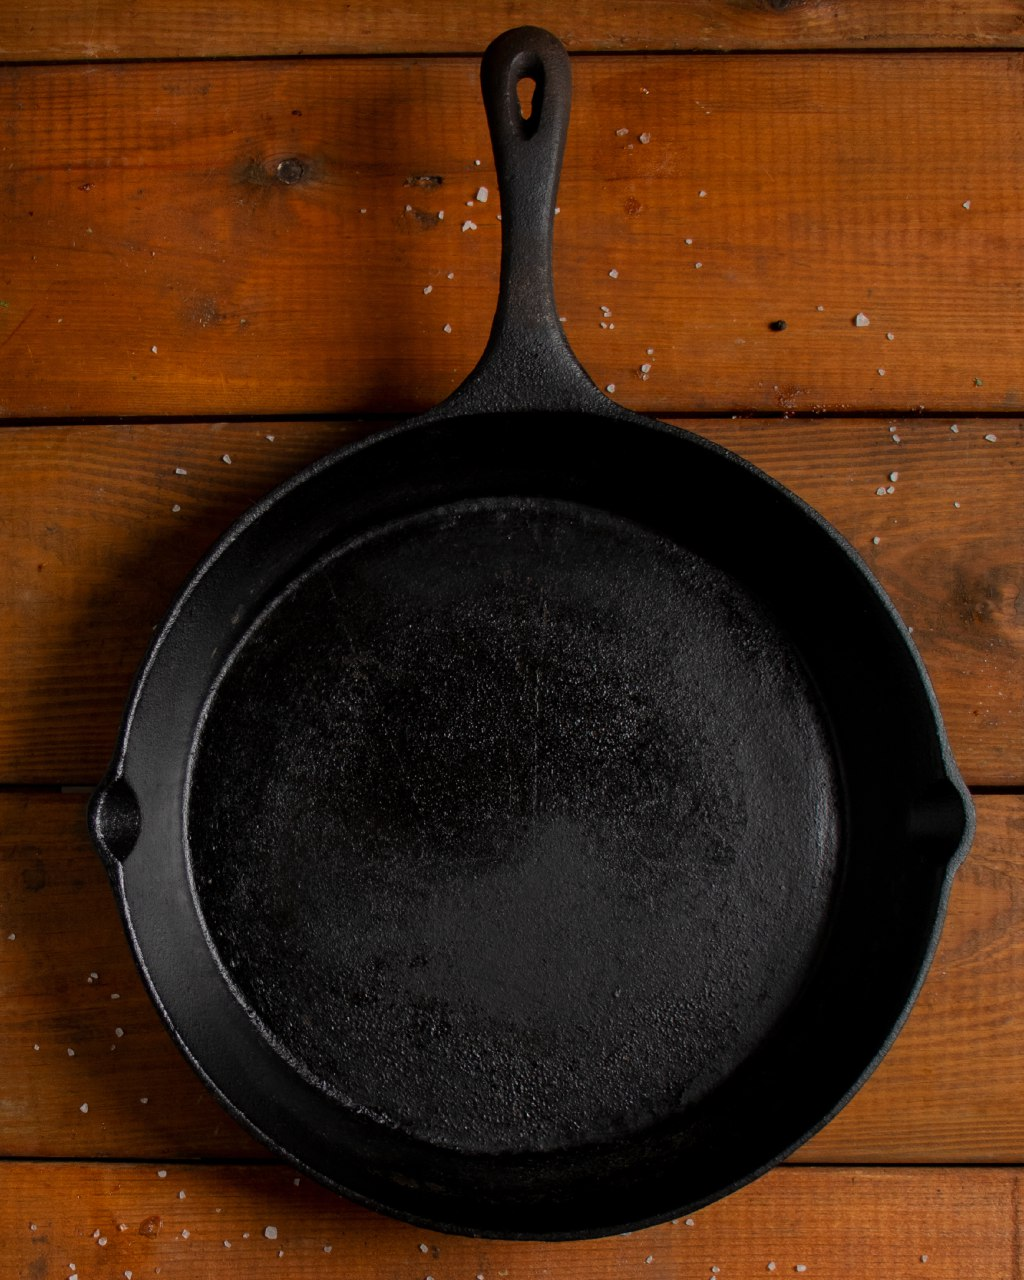 Gusspfannen werden genauso eingebrannt wie Dutch Oven, Eisenplanchas oder -woks